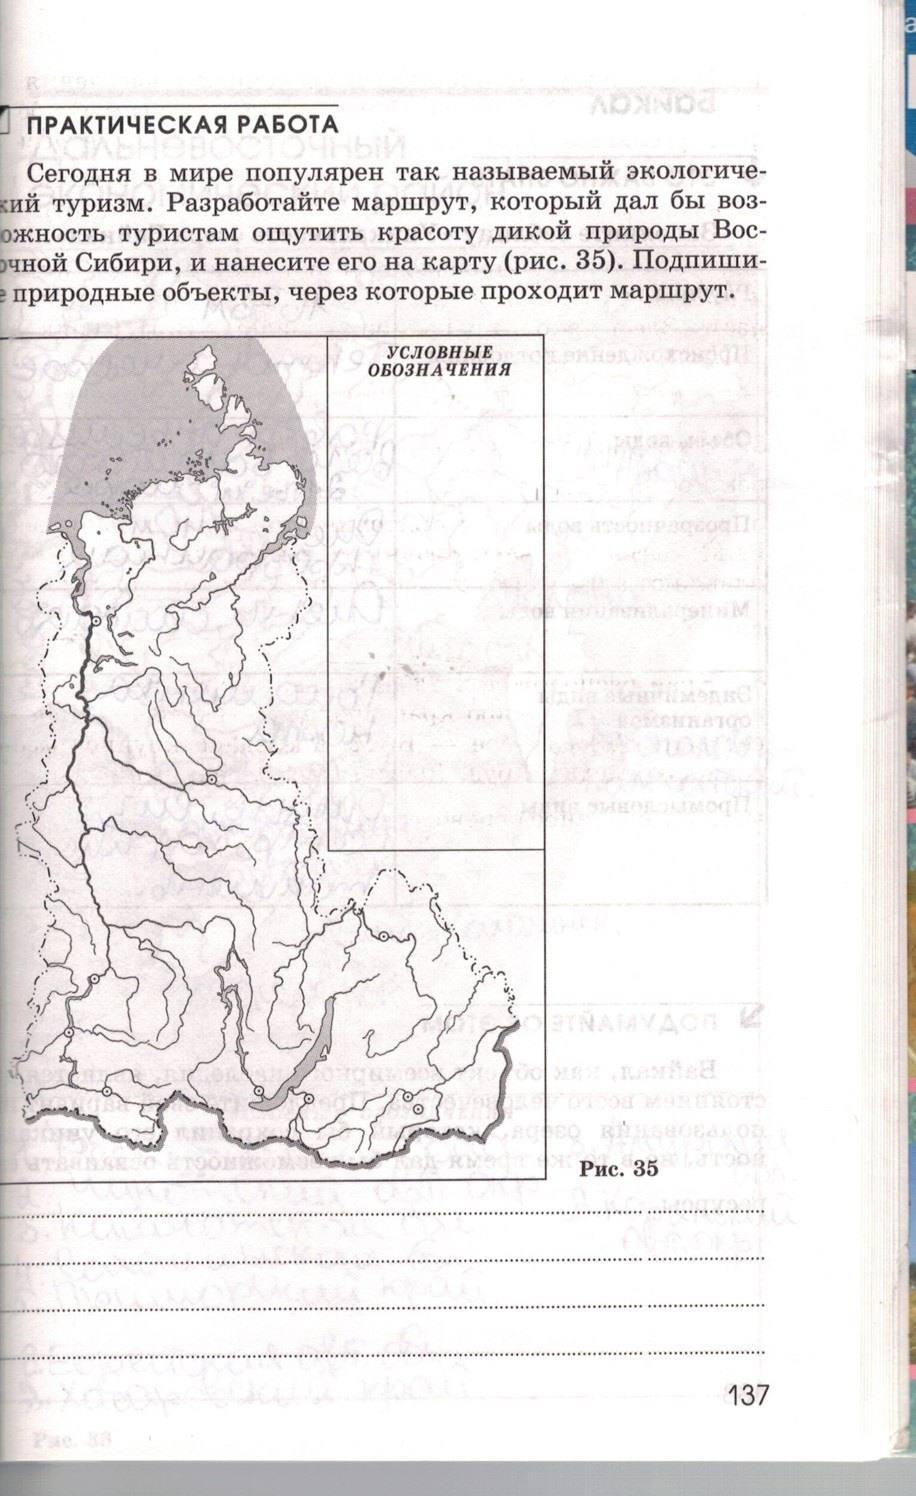 класс марченко гдз географии 9